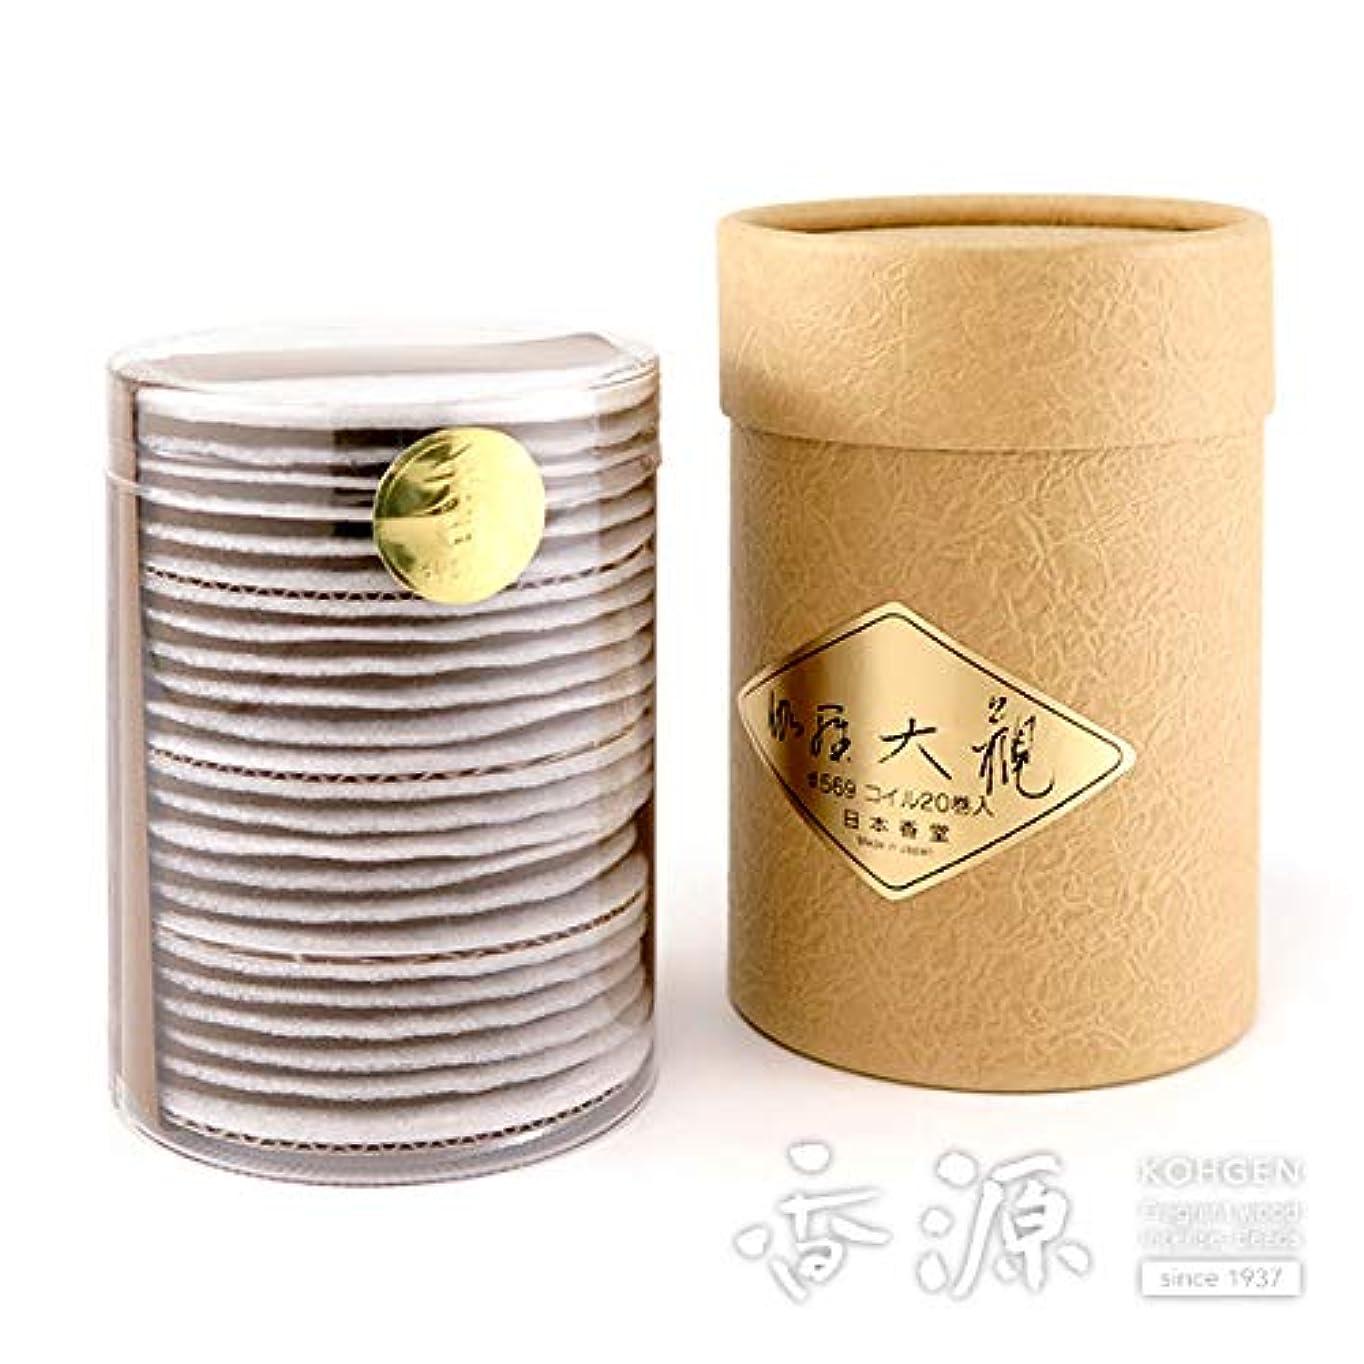 キャビン実施する宣言する日本香堂のお香 伽羅大観 徳用渦巻20枚入 【送料無料】